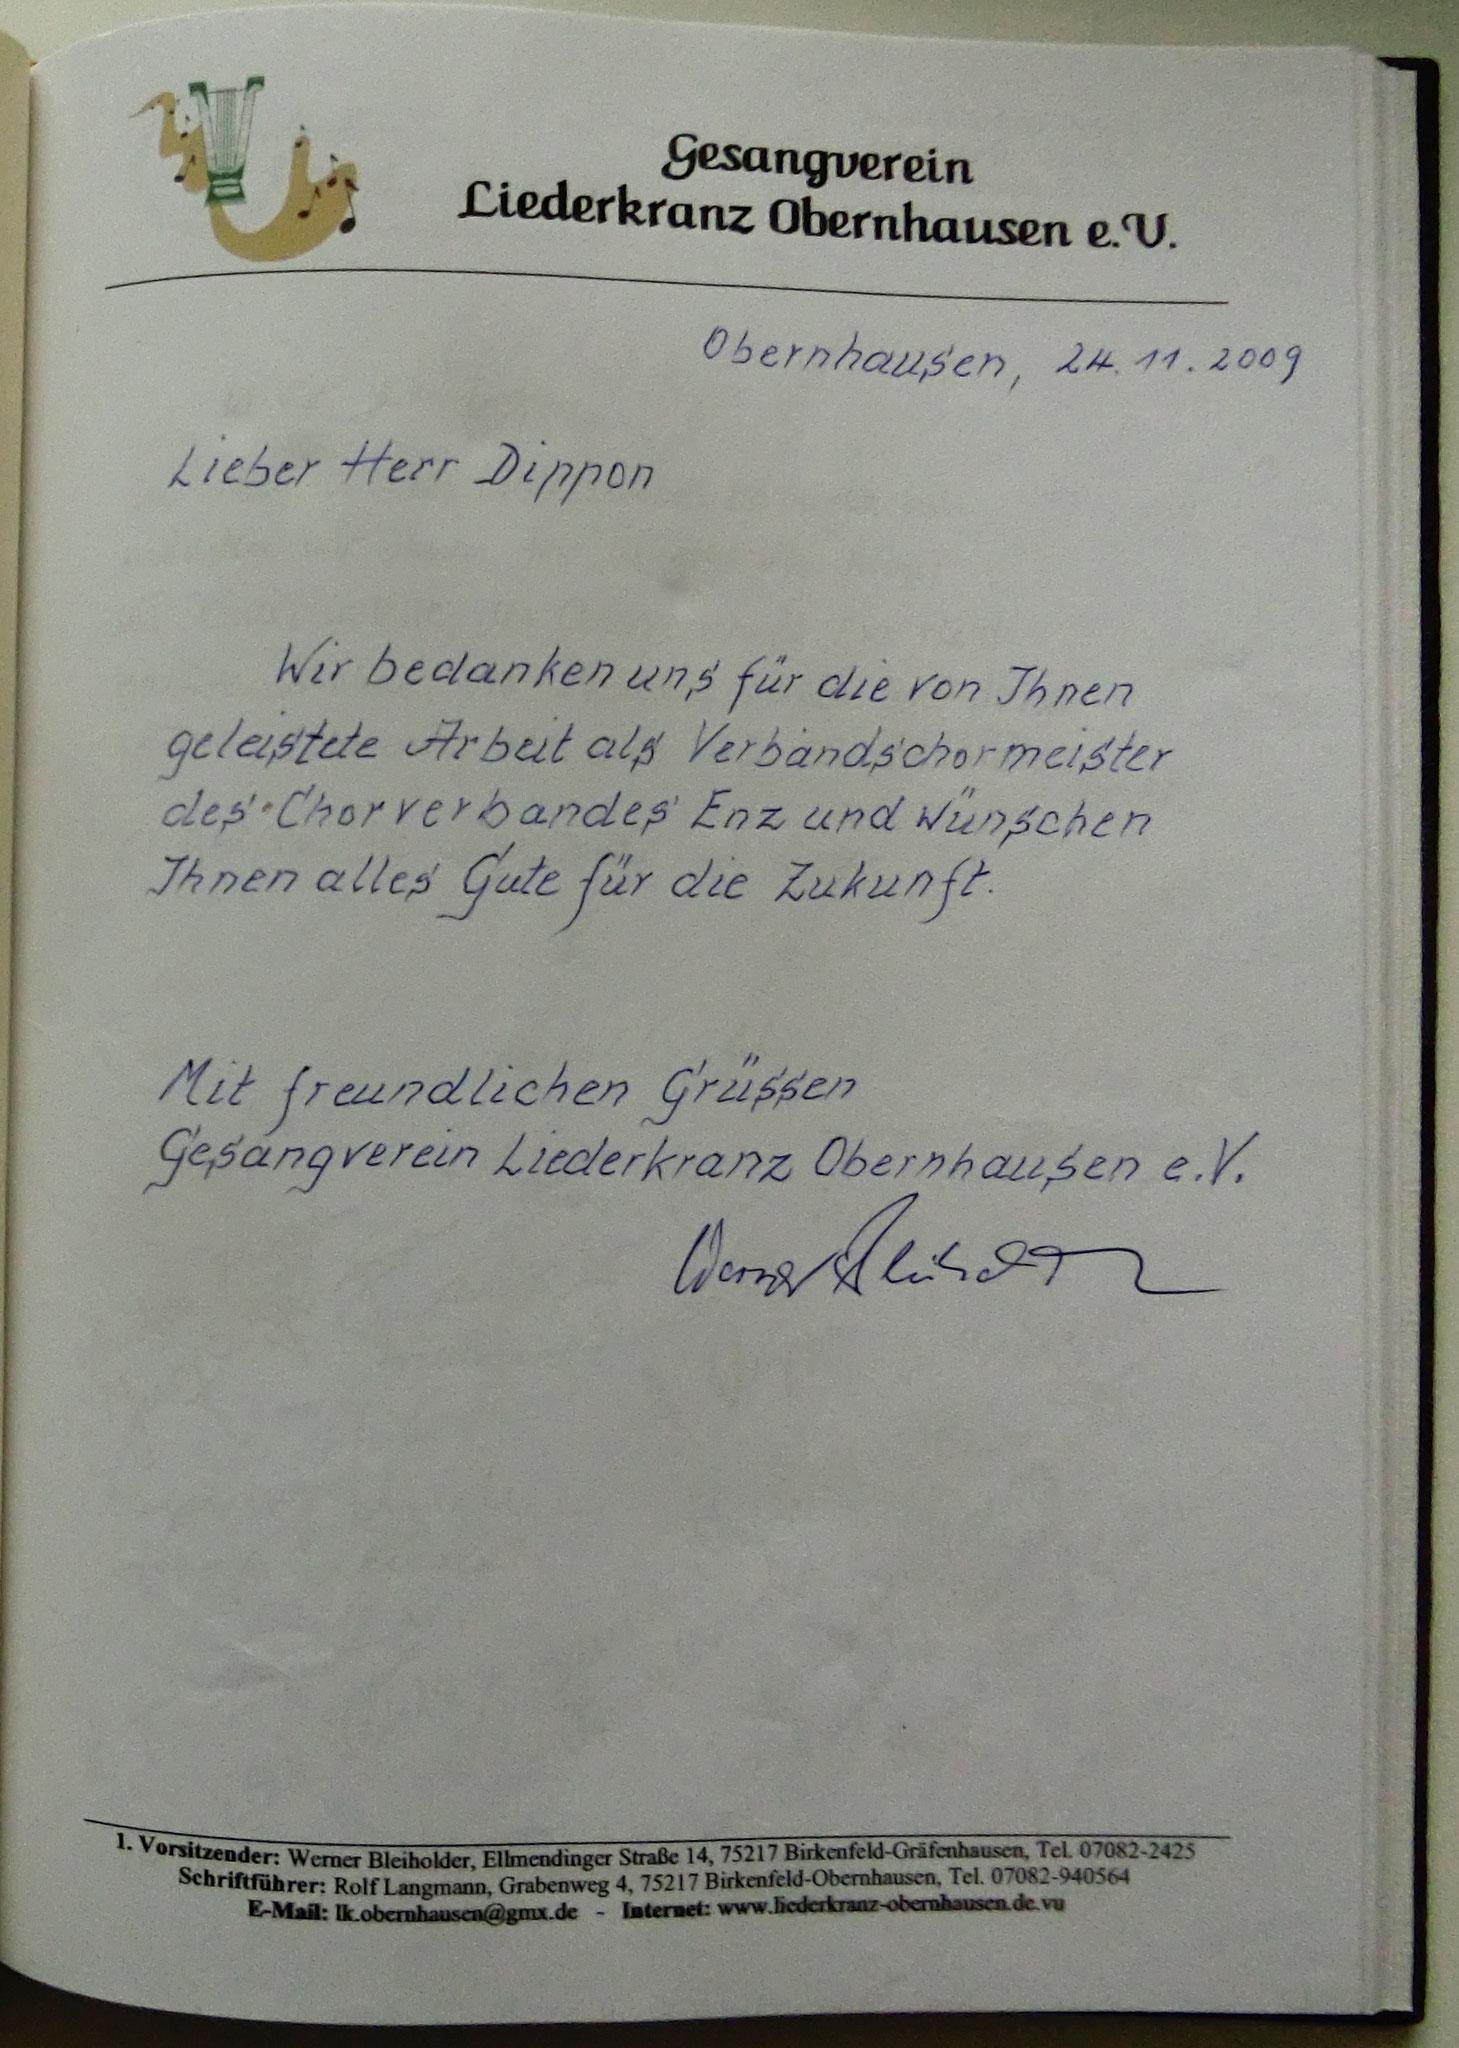 Liederkranz Obernhausen